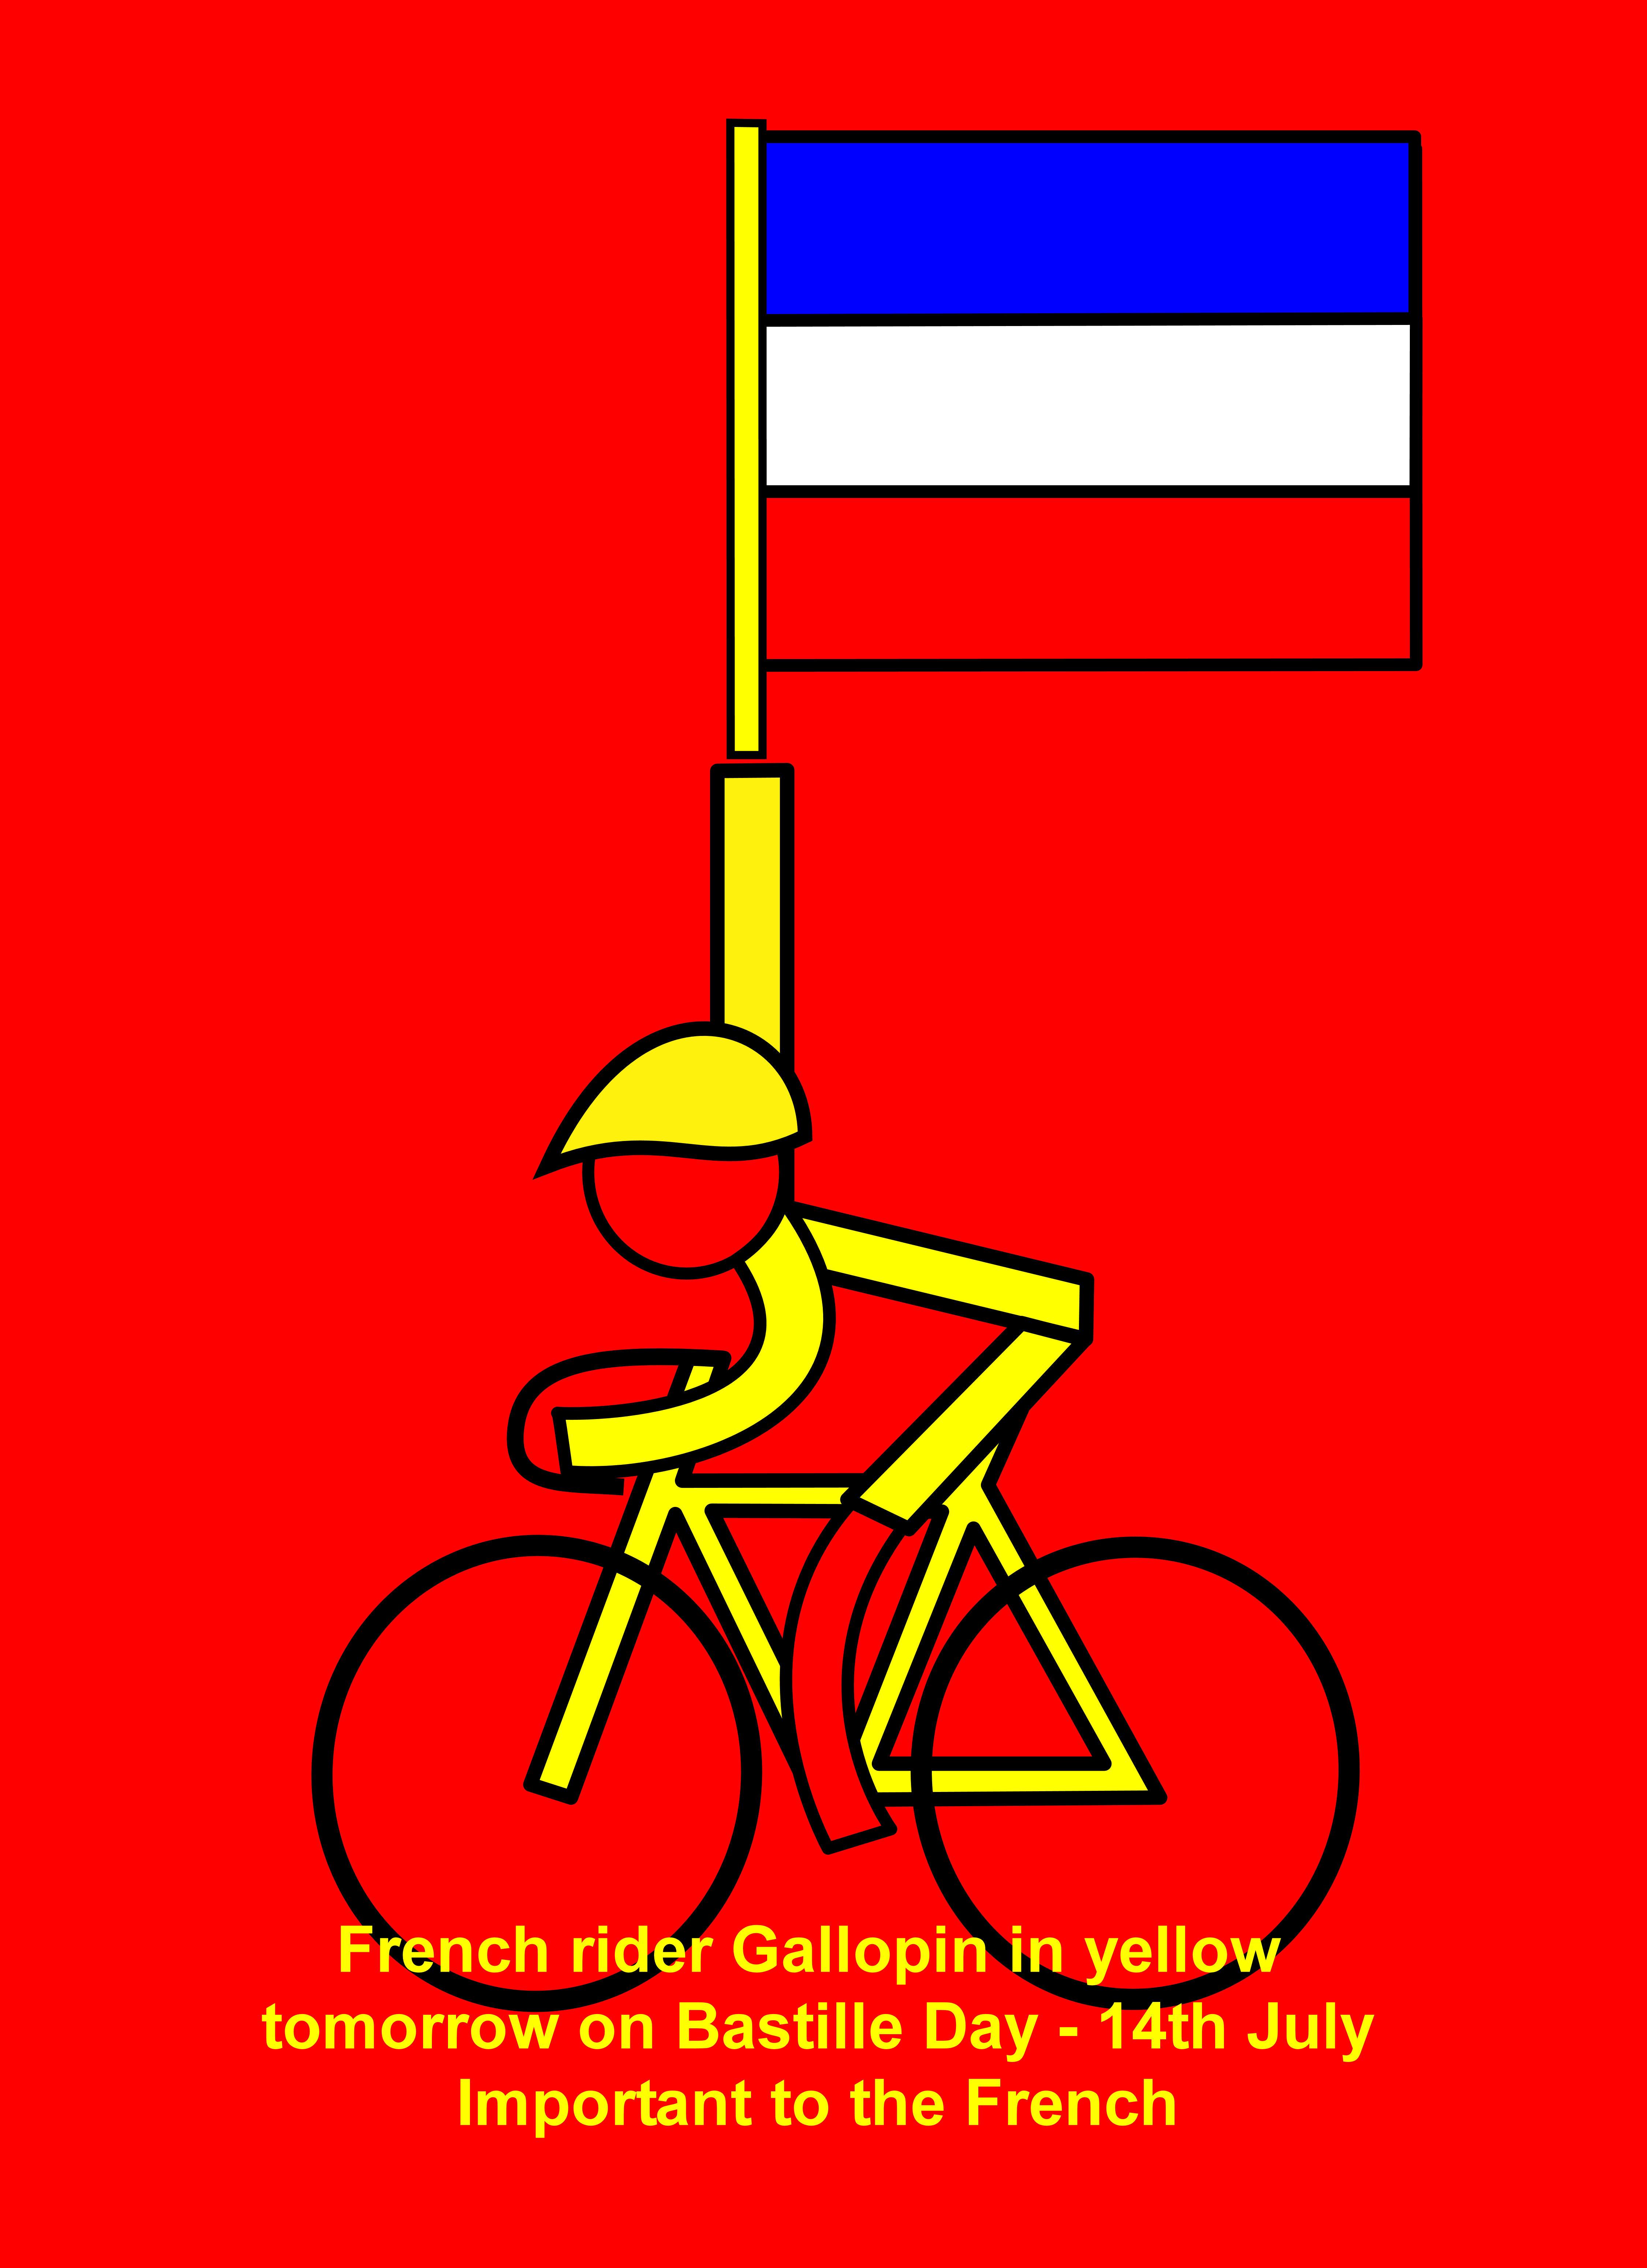 Gérardmer,                                                 Mulhouse, Lorraine,                                                 Lothringen, Alsace,                                                 Elsass, Tony Martin,                                                 Gallopin, yellow jersey,                                                 Bastille Day, Stage 9,                                                 July 13th, FIFA 2014                                                 World Cup, Tour de                                                 France 2014, Tour de                                                 France, Gérardmer,                                                 Mulhouse, Lorraine,                                                 Lorraine, Alsace,                                                 Elsass, Tony Martin,                                                 Gallopin, maillot jaune,                                                 Jour de la Bastille,                                                 l'étape 9, le 13                                                 Juillet, la FIFA Coupe                                                 du Monde 2014, Tour de                                                 France 2014, Tour de                                                 France